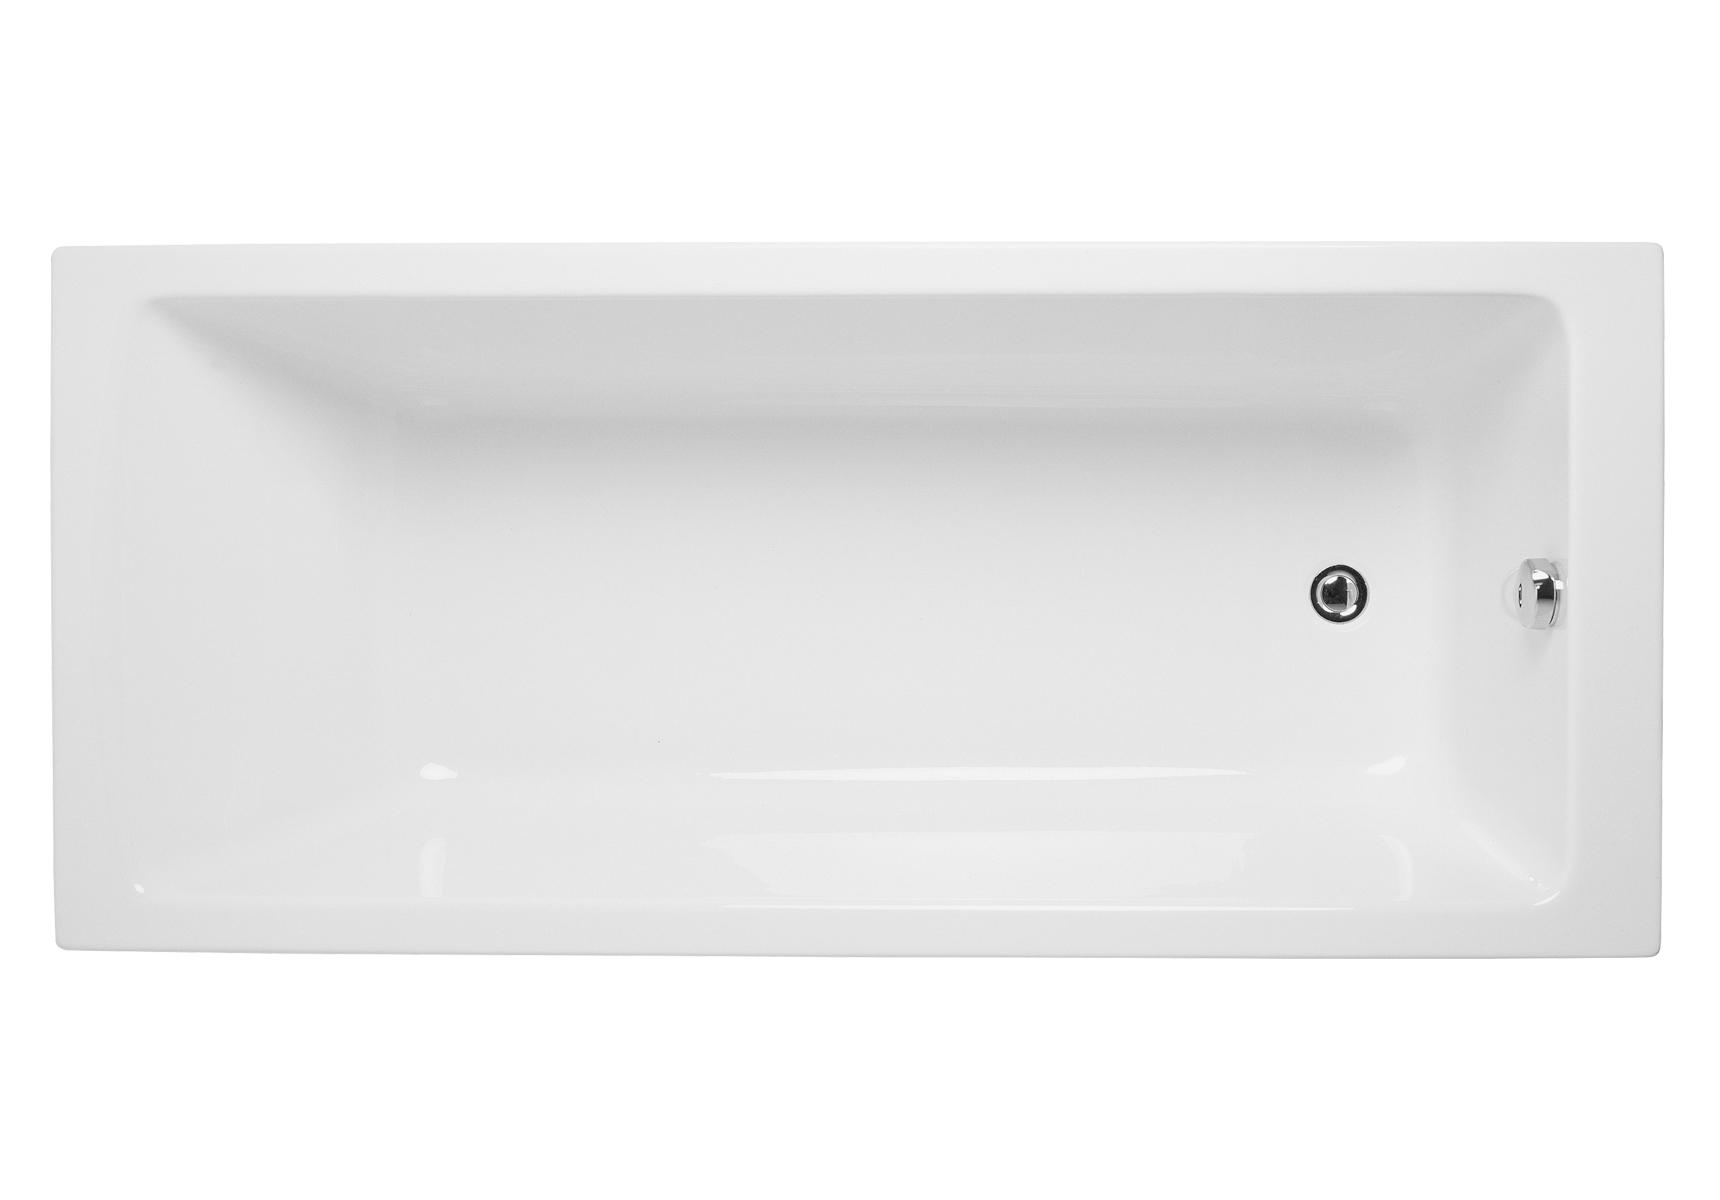 Integra baignoire ergonomique rectangulaire en acrylique 4 mm, 170  x  70 cm